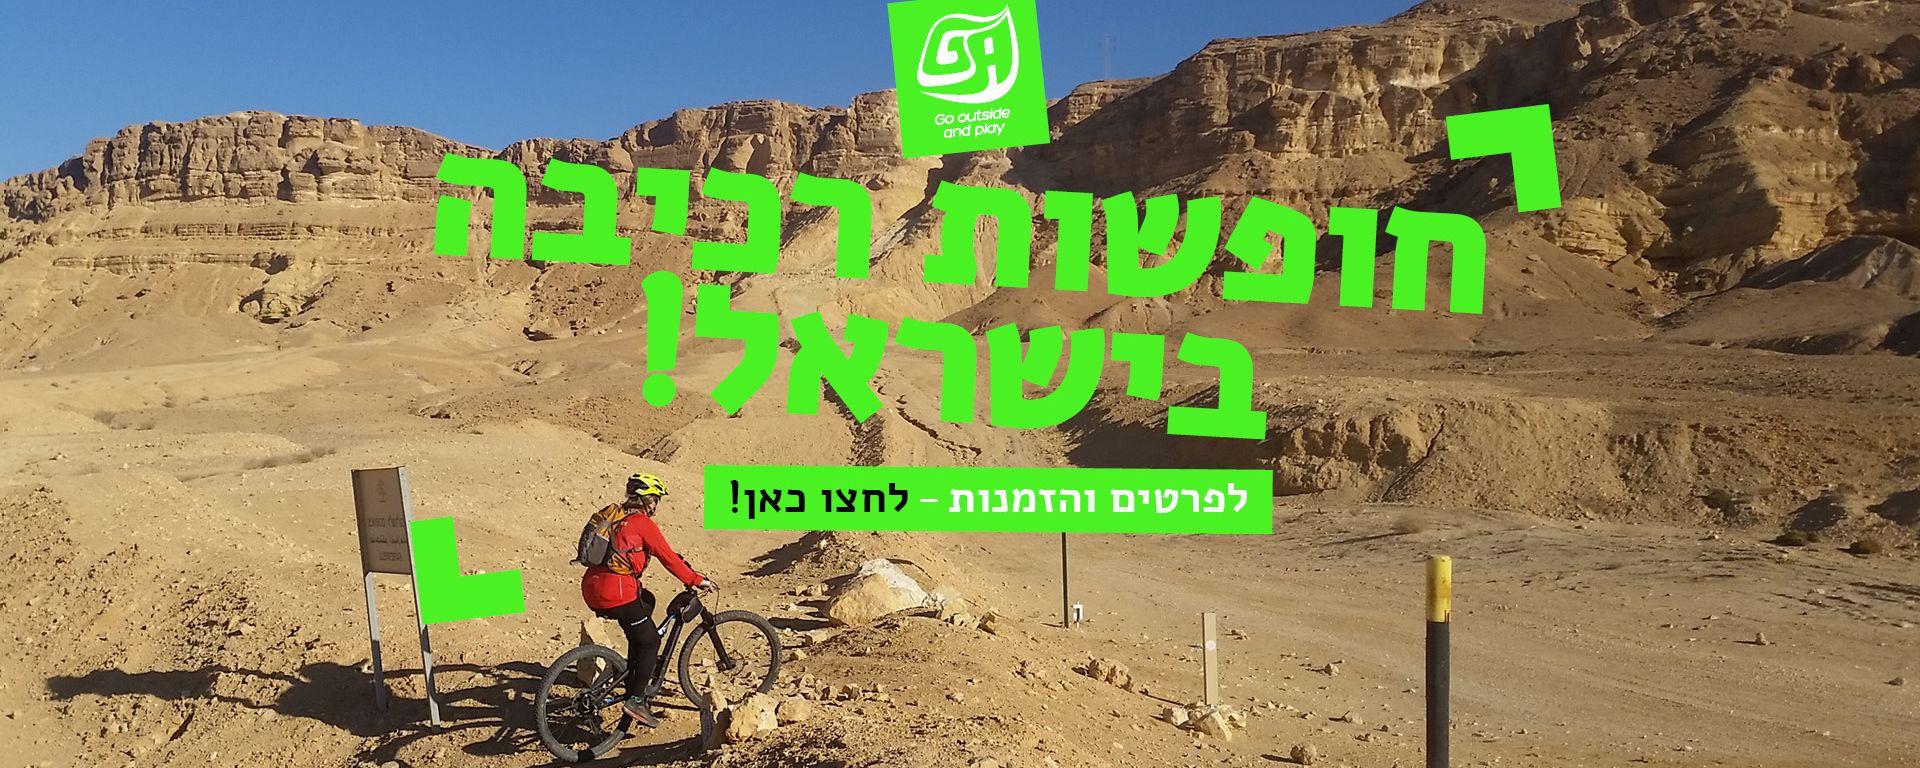 רכיבה בישראל - מצפה רמון - גורדון אקטיב